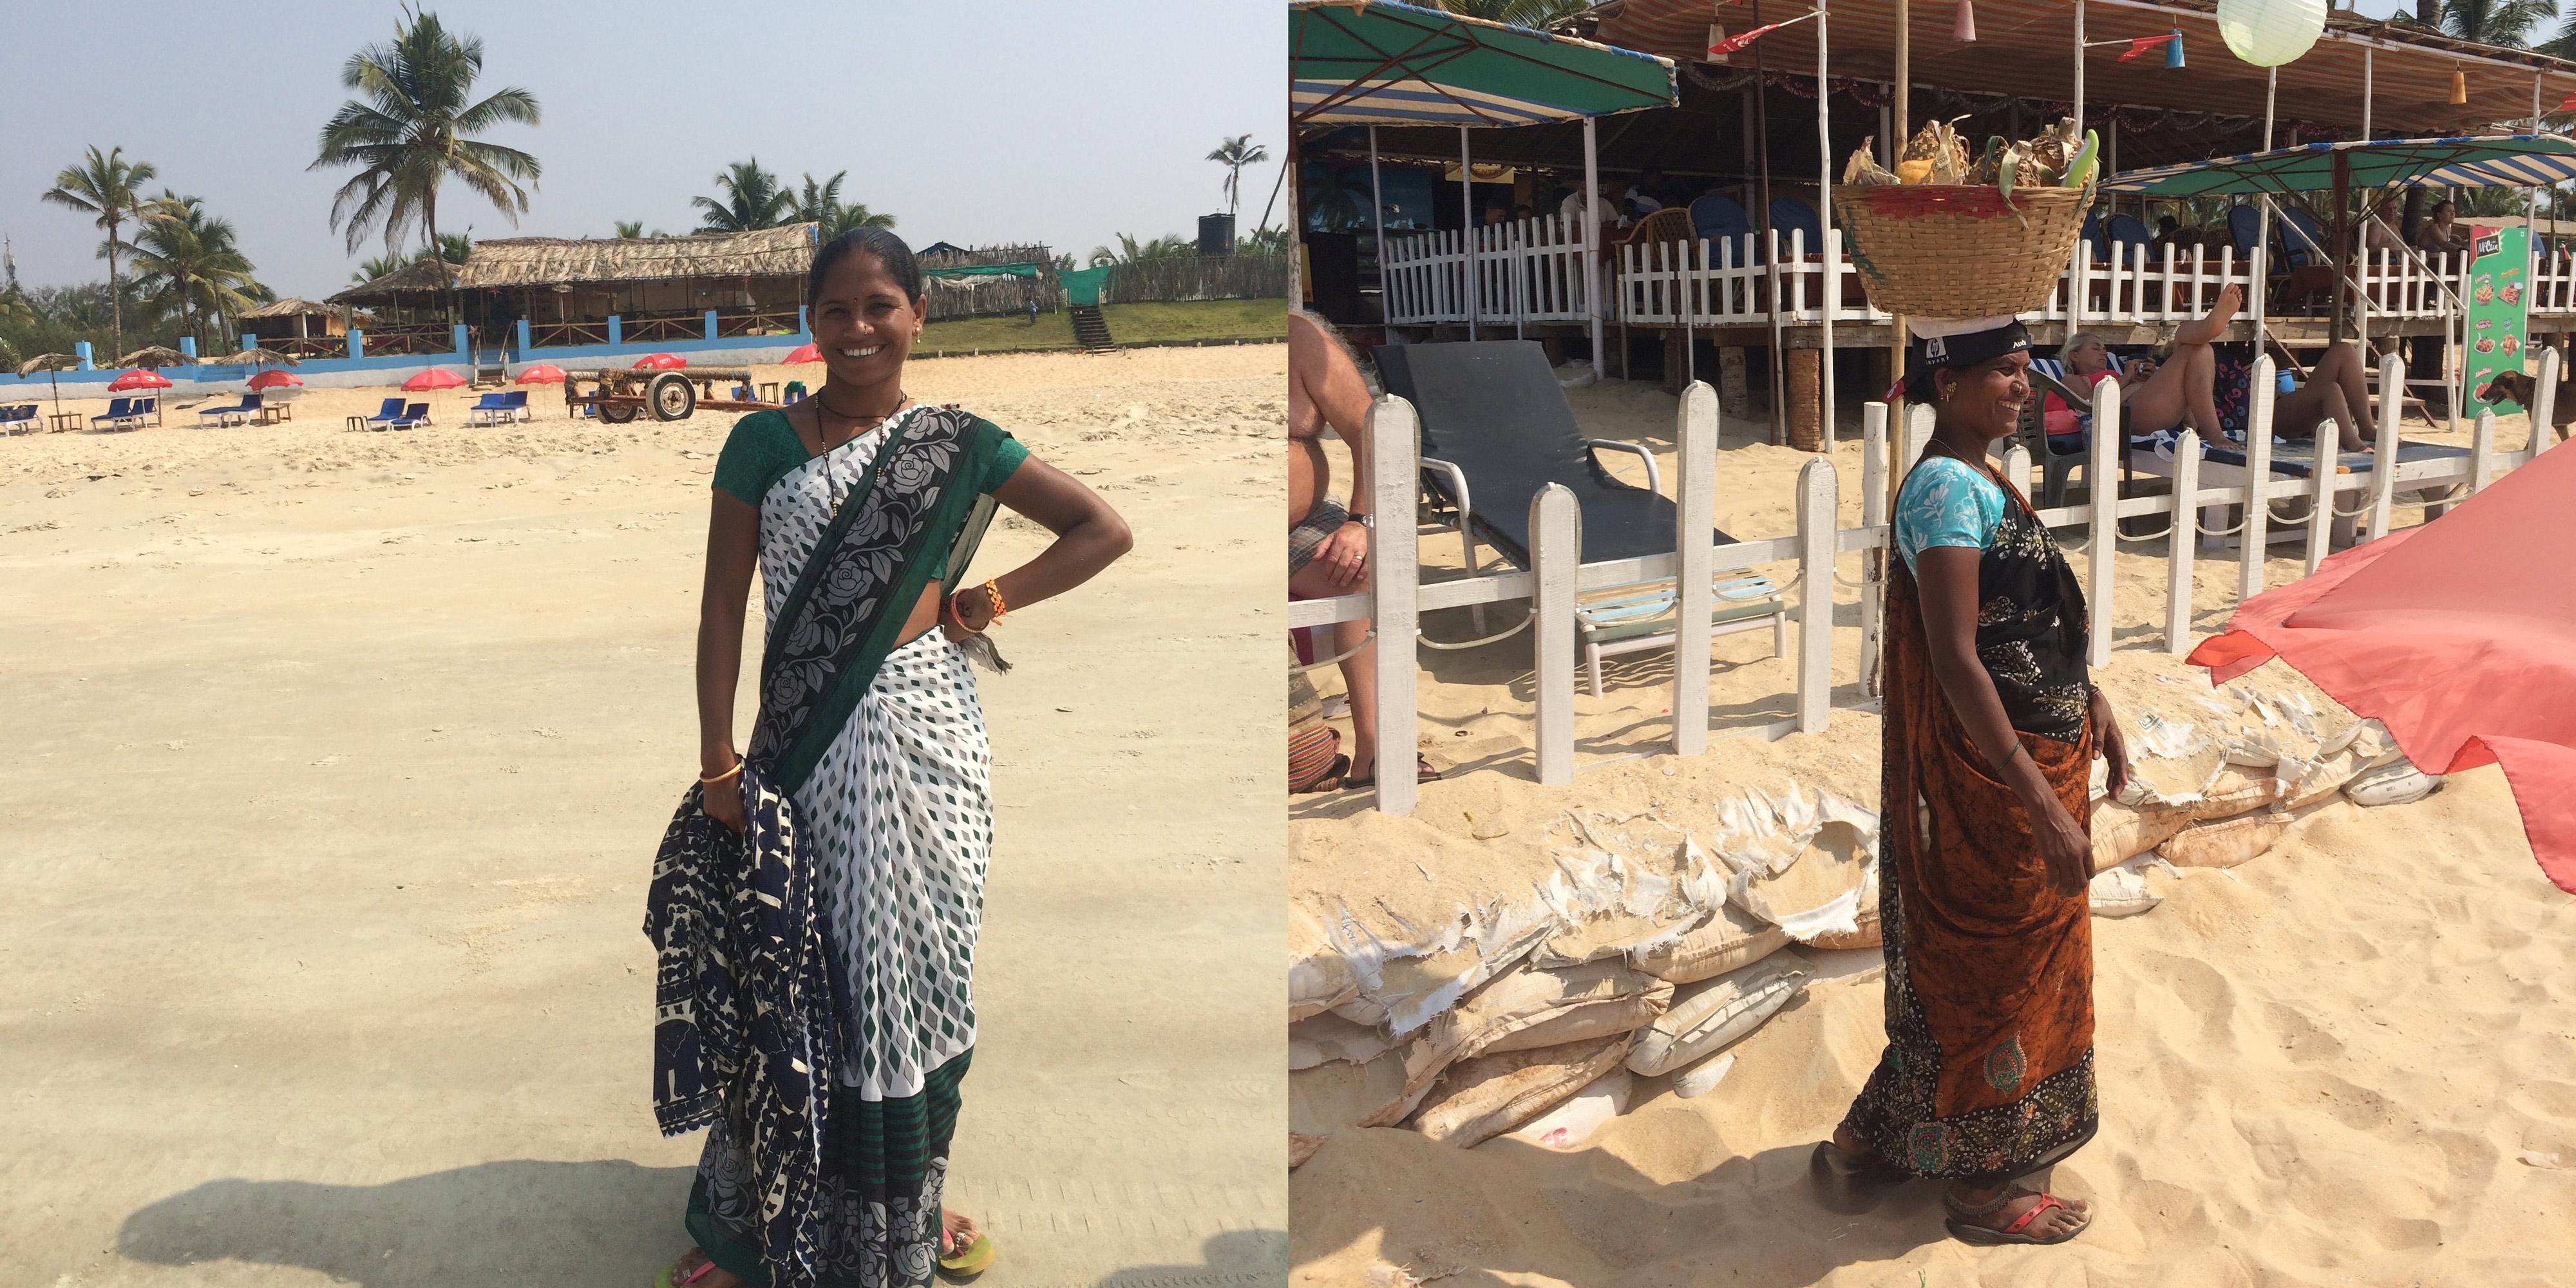 Goa beach, locals